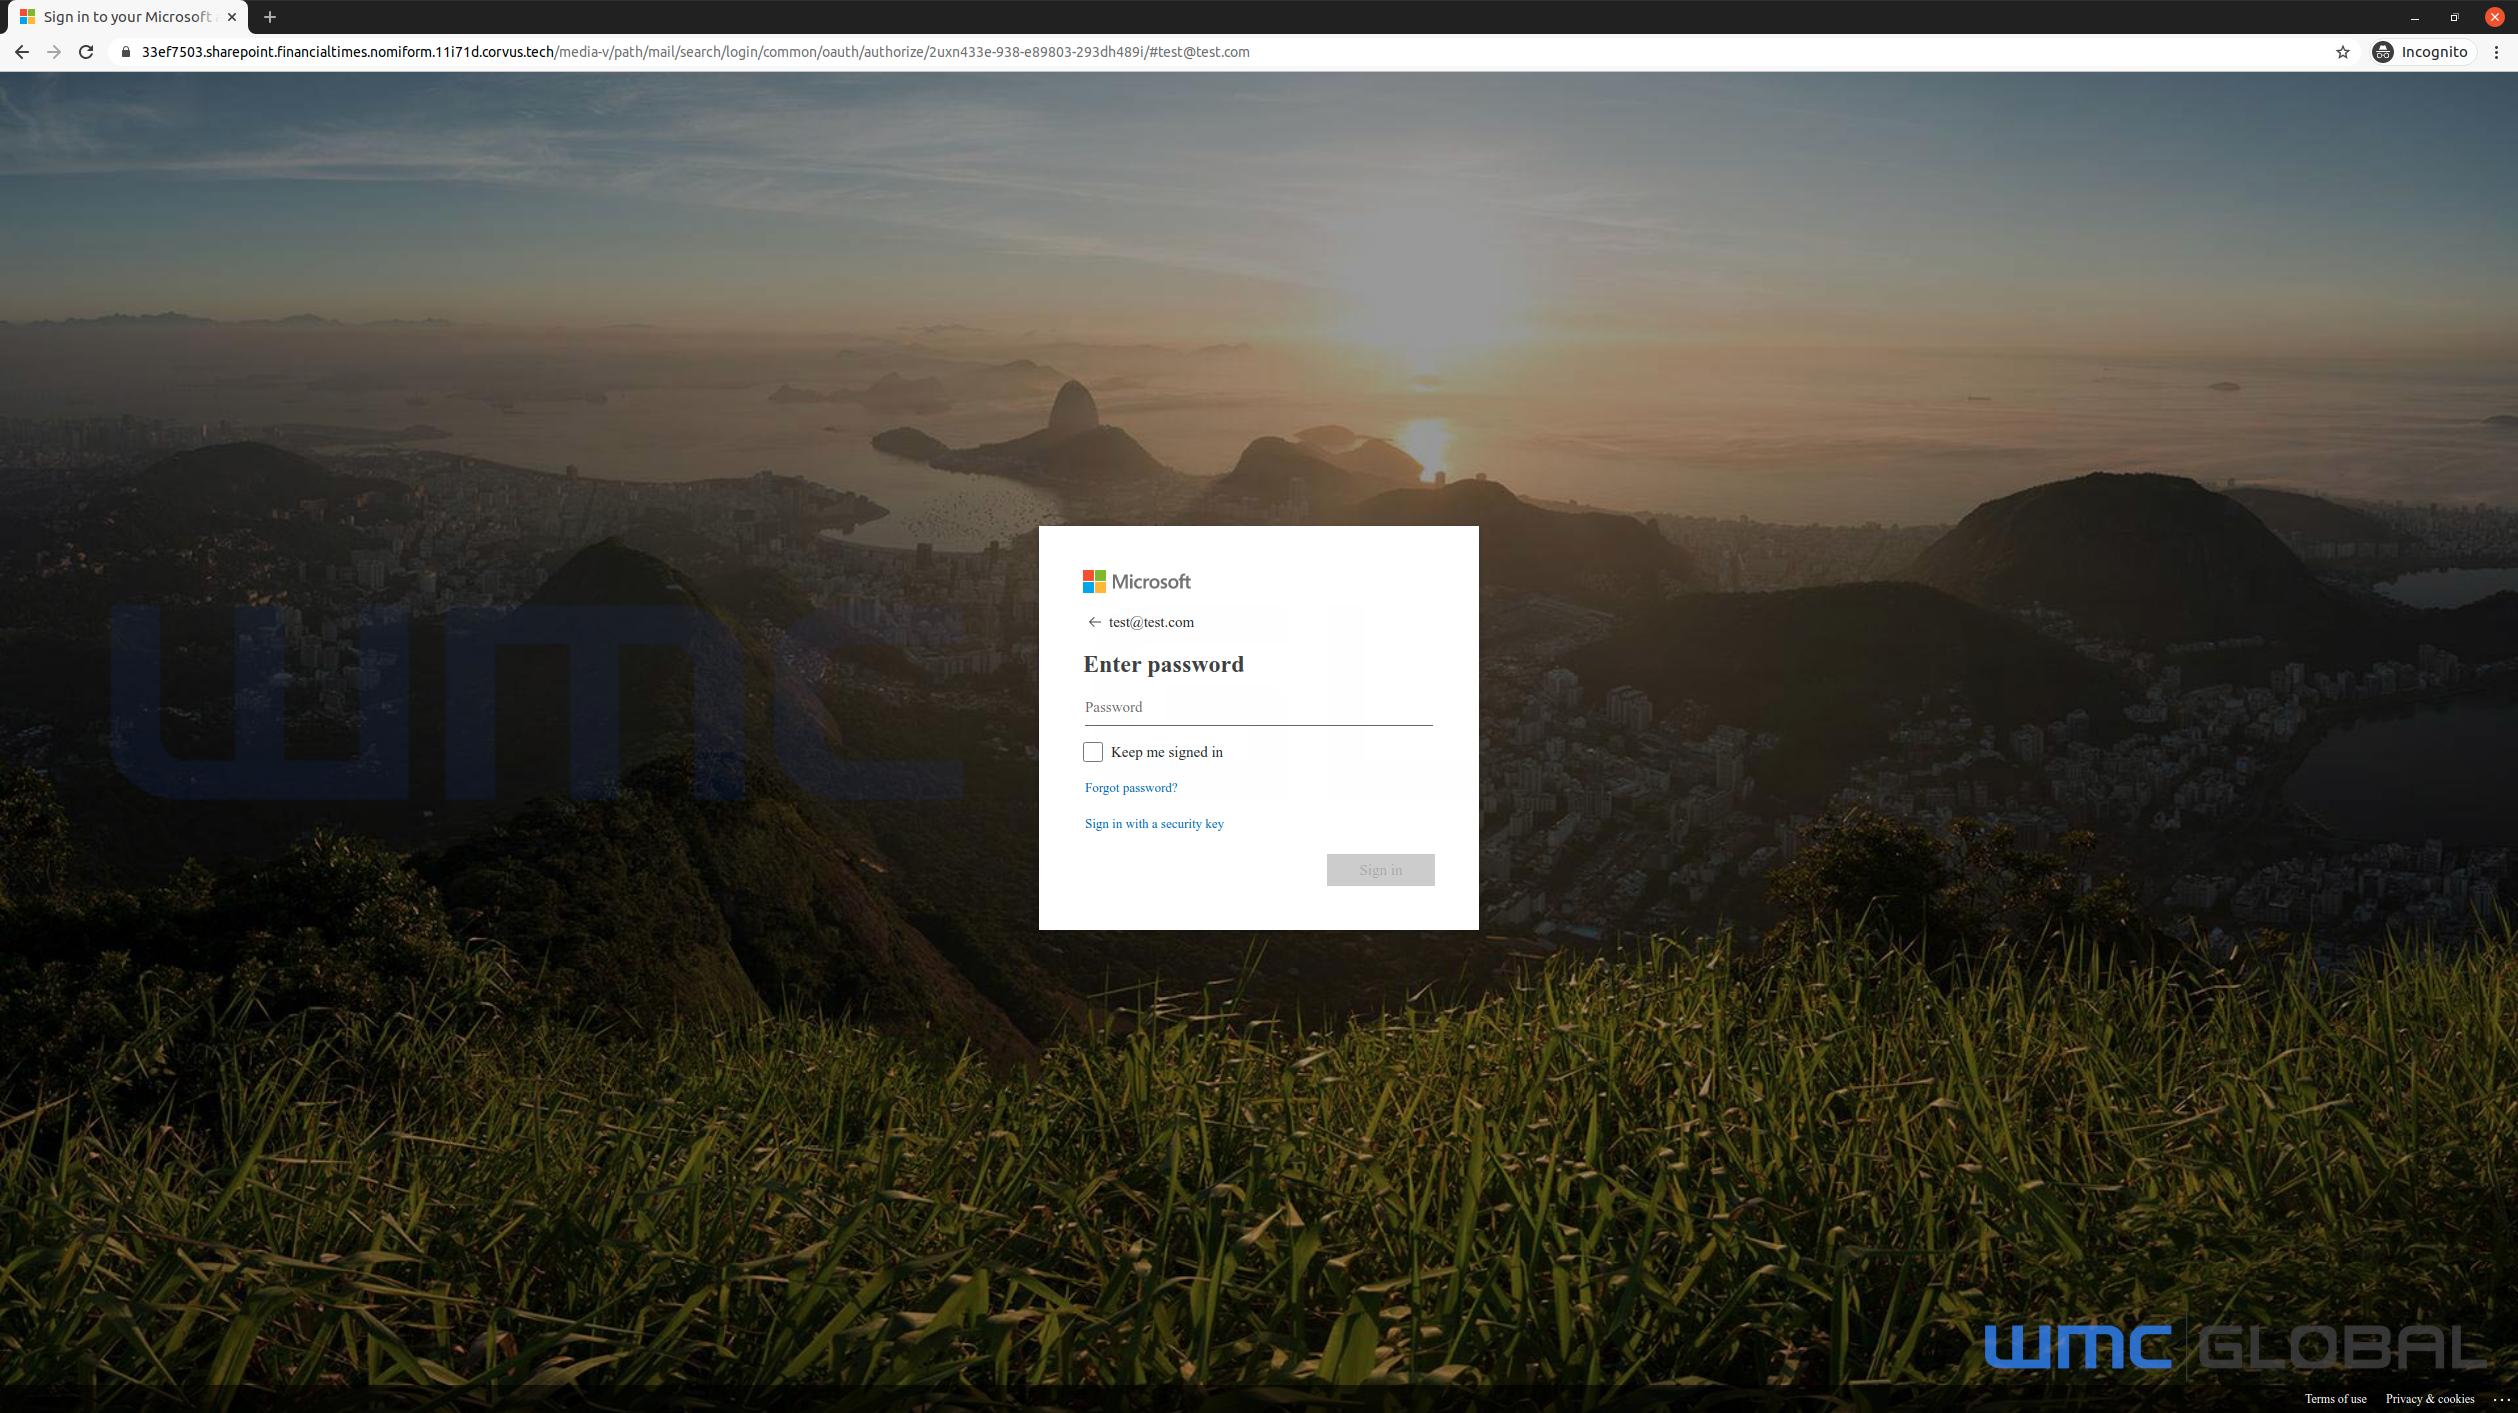 PhishingPageFromCodeOverlap